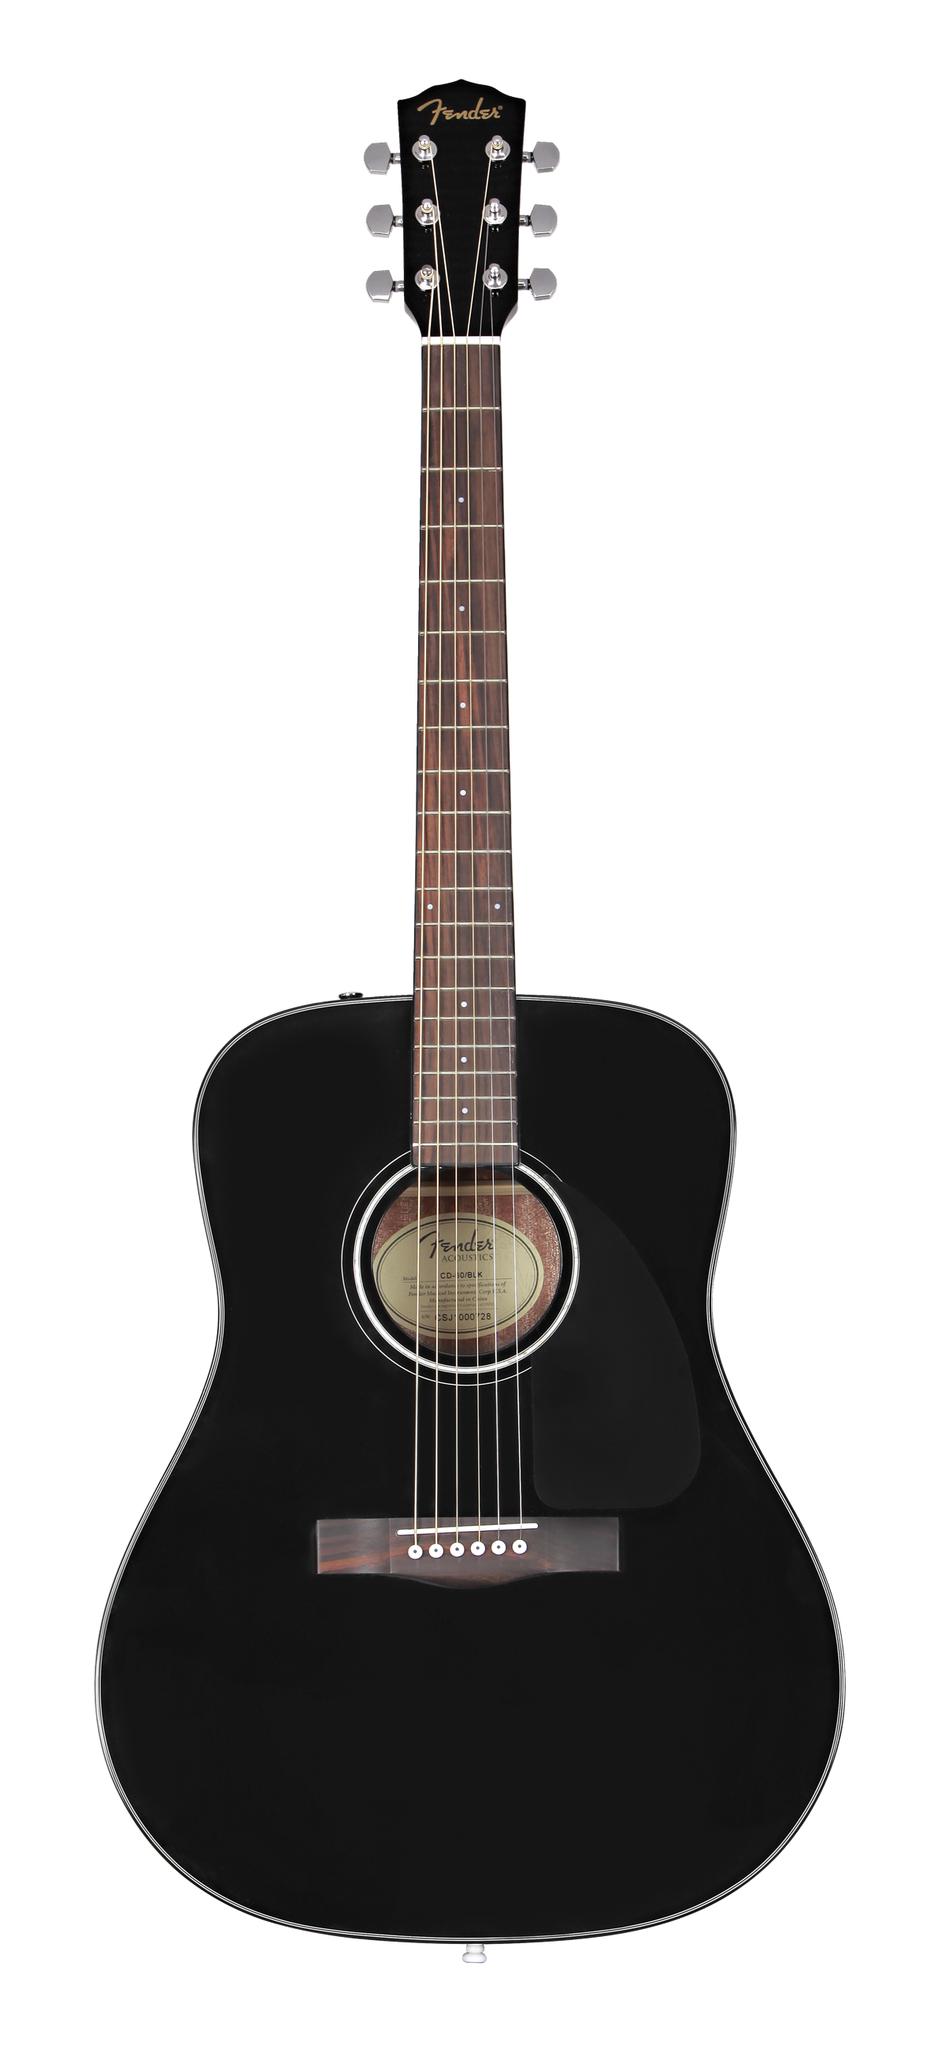 Fender NEW Fender CD-60 Dreadnought V3 w/Case - Black (667)